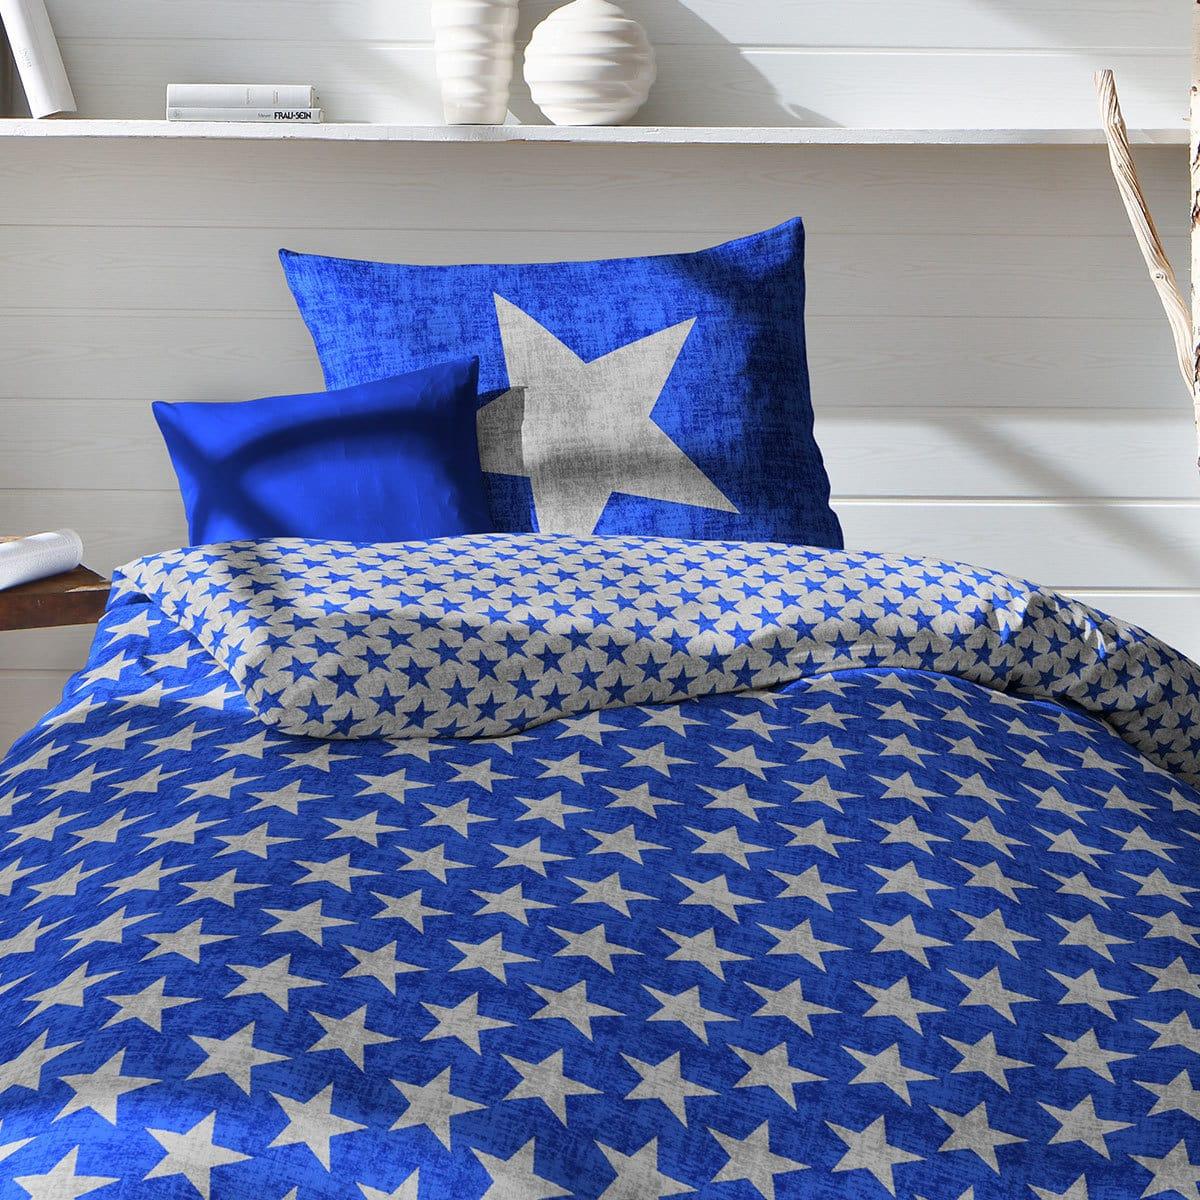 fleuresse biber bettw sche sterne blau g nstig online kaufen bei bettwaren shop. Black Bedroom Furniture Sets. Home Design Ideas